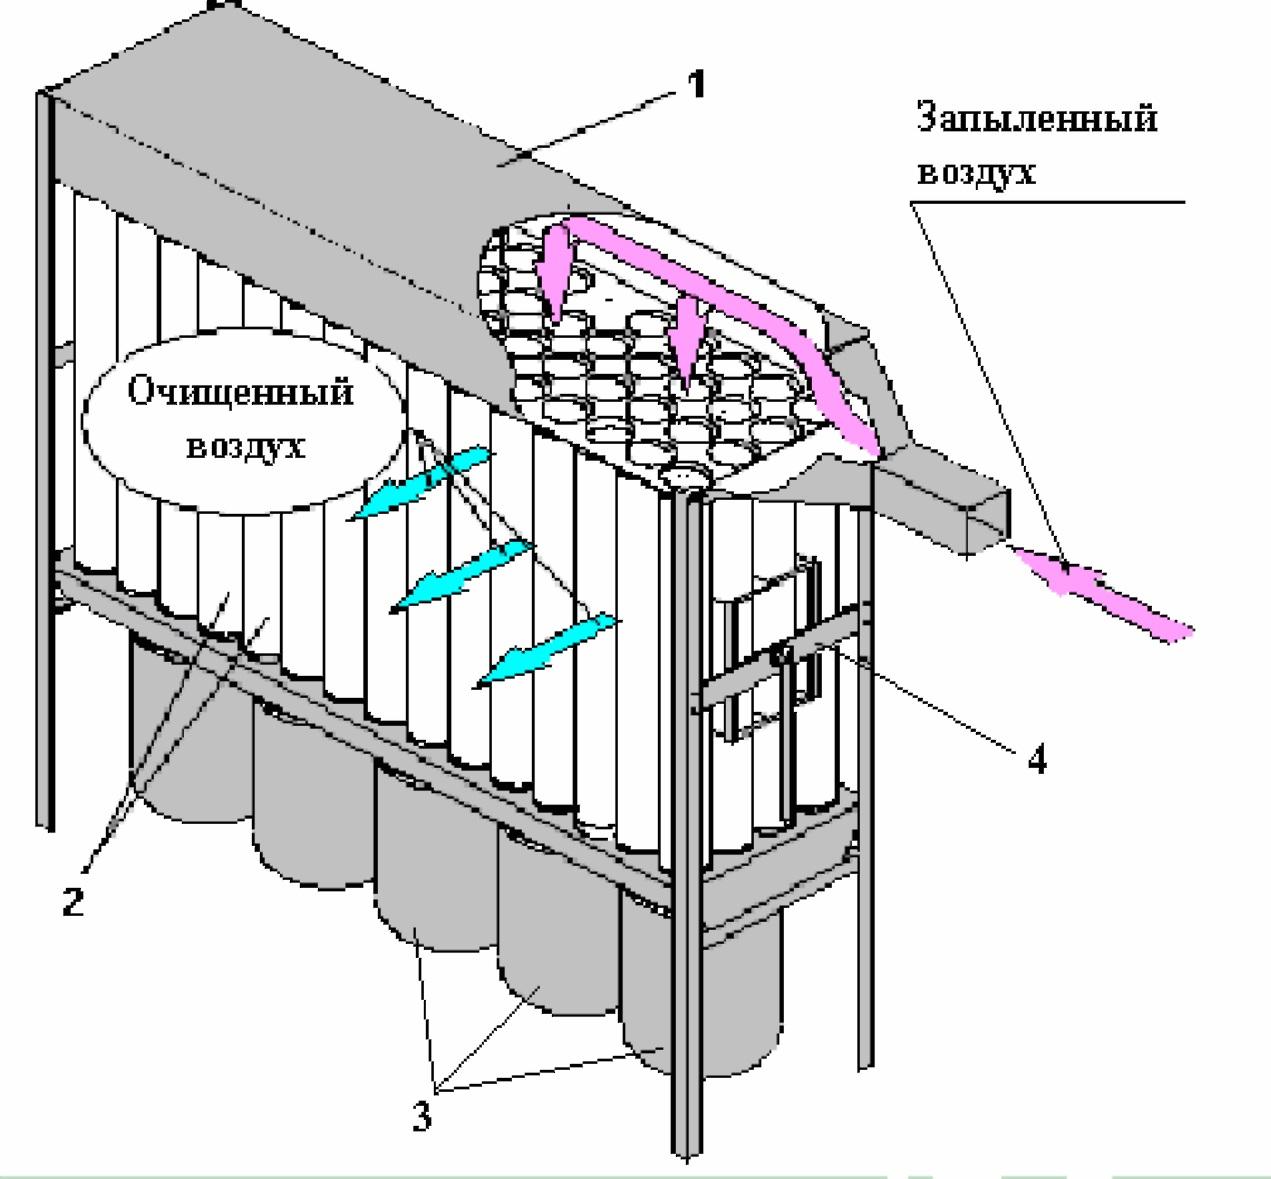 Обоснование выбора и расчет рукавного фильтра для очистки от цементной пыли